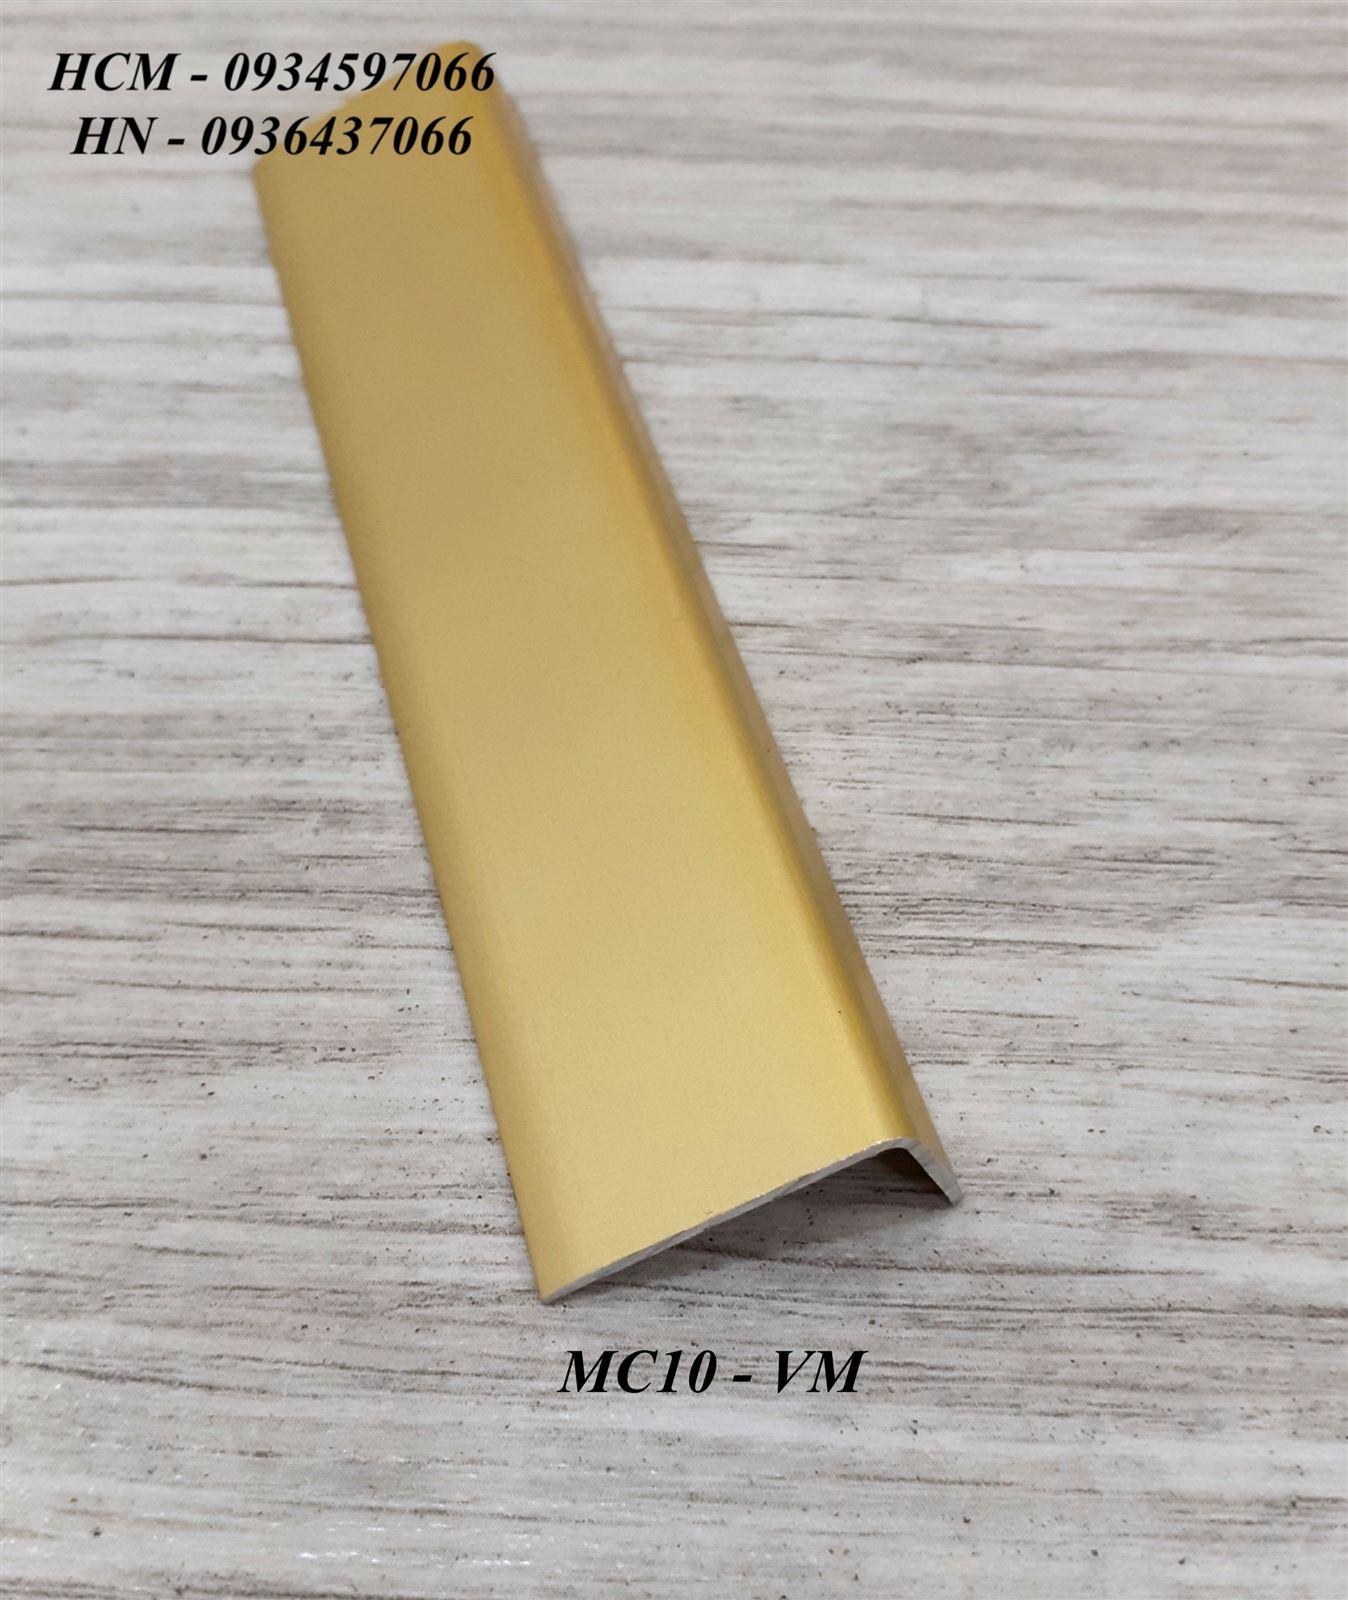 Nẹp nhôm kết thúc sàn MC10-Nẹp kết thúc sàn gỗ, nẹp sàn gỗ, nẹp L, nẹp chữ L kết thúc sàn